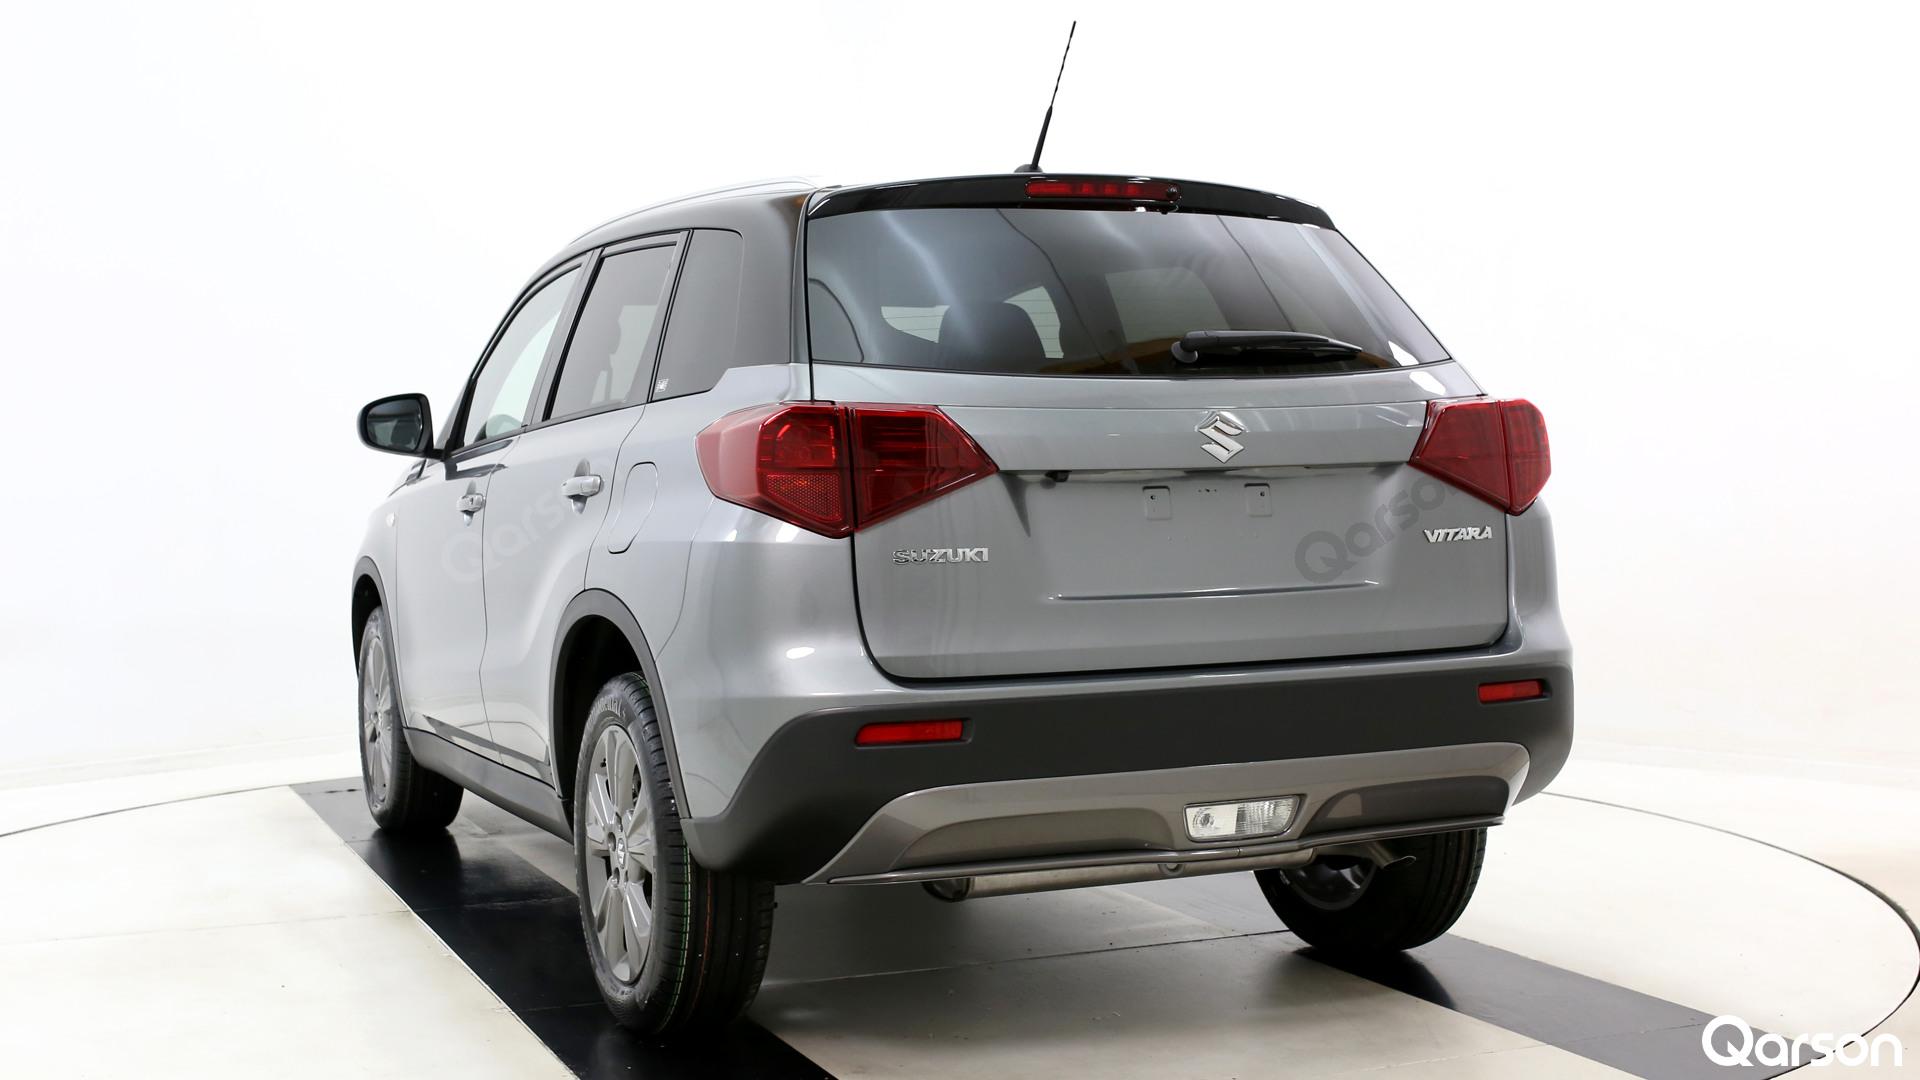 Suzuki Vitara Facelift Widok auta z tylnego boku pod kątem 30 stopni